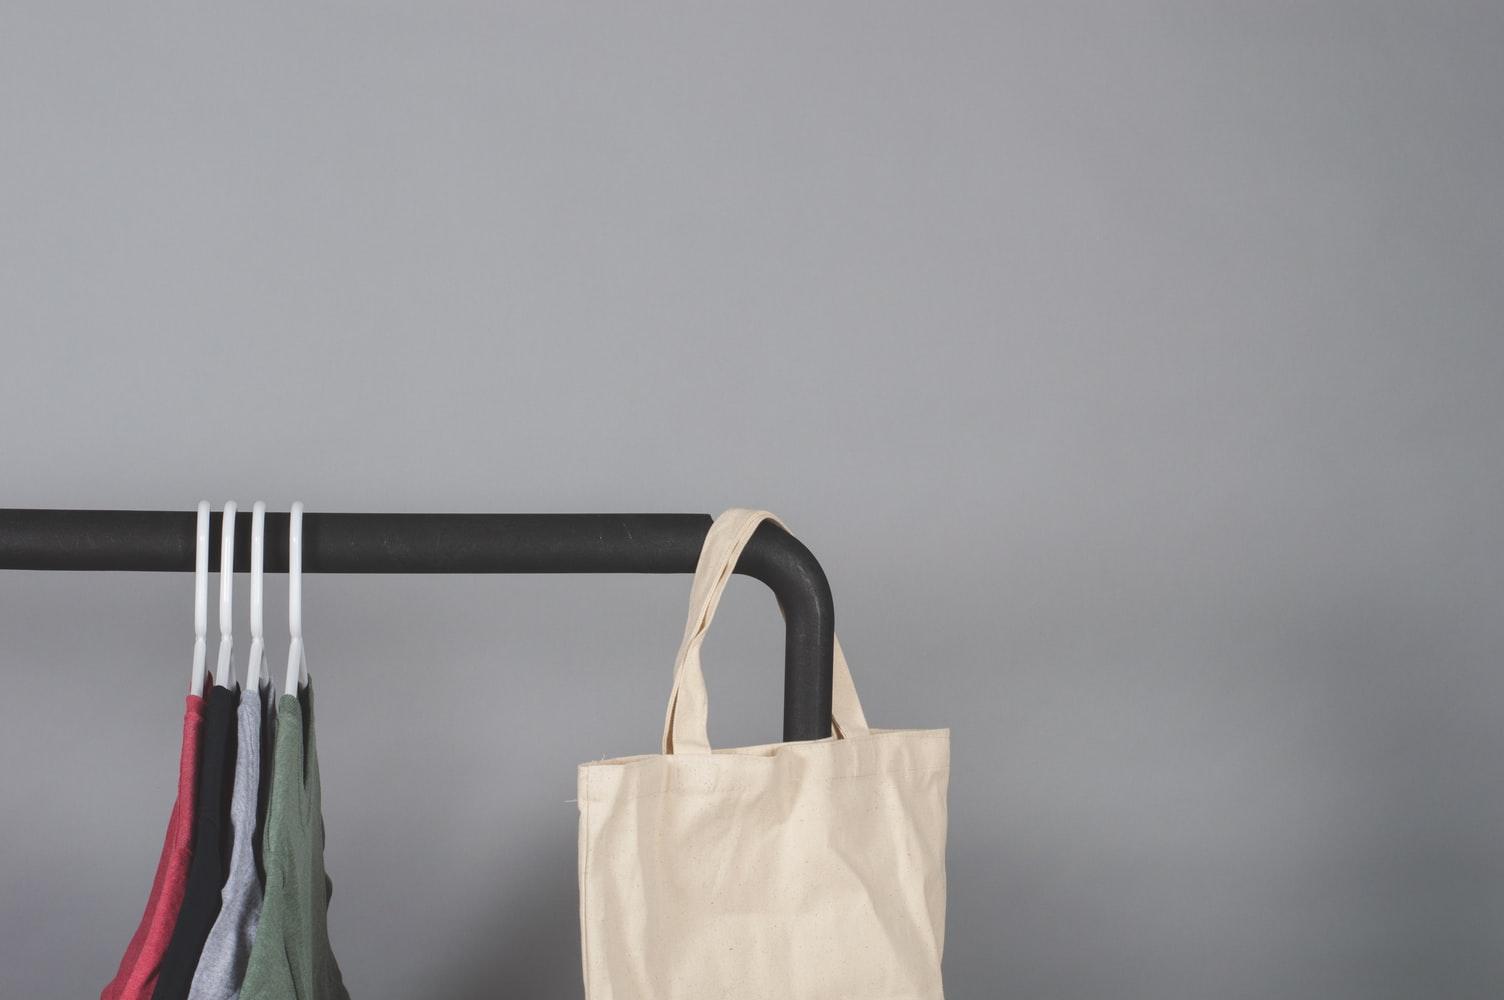 布製のキャンバストートバッグの選び方の注意点【メンズ向け】